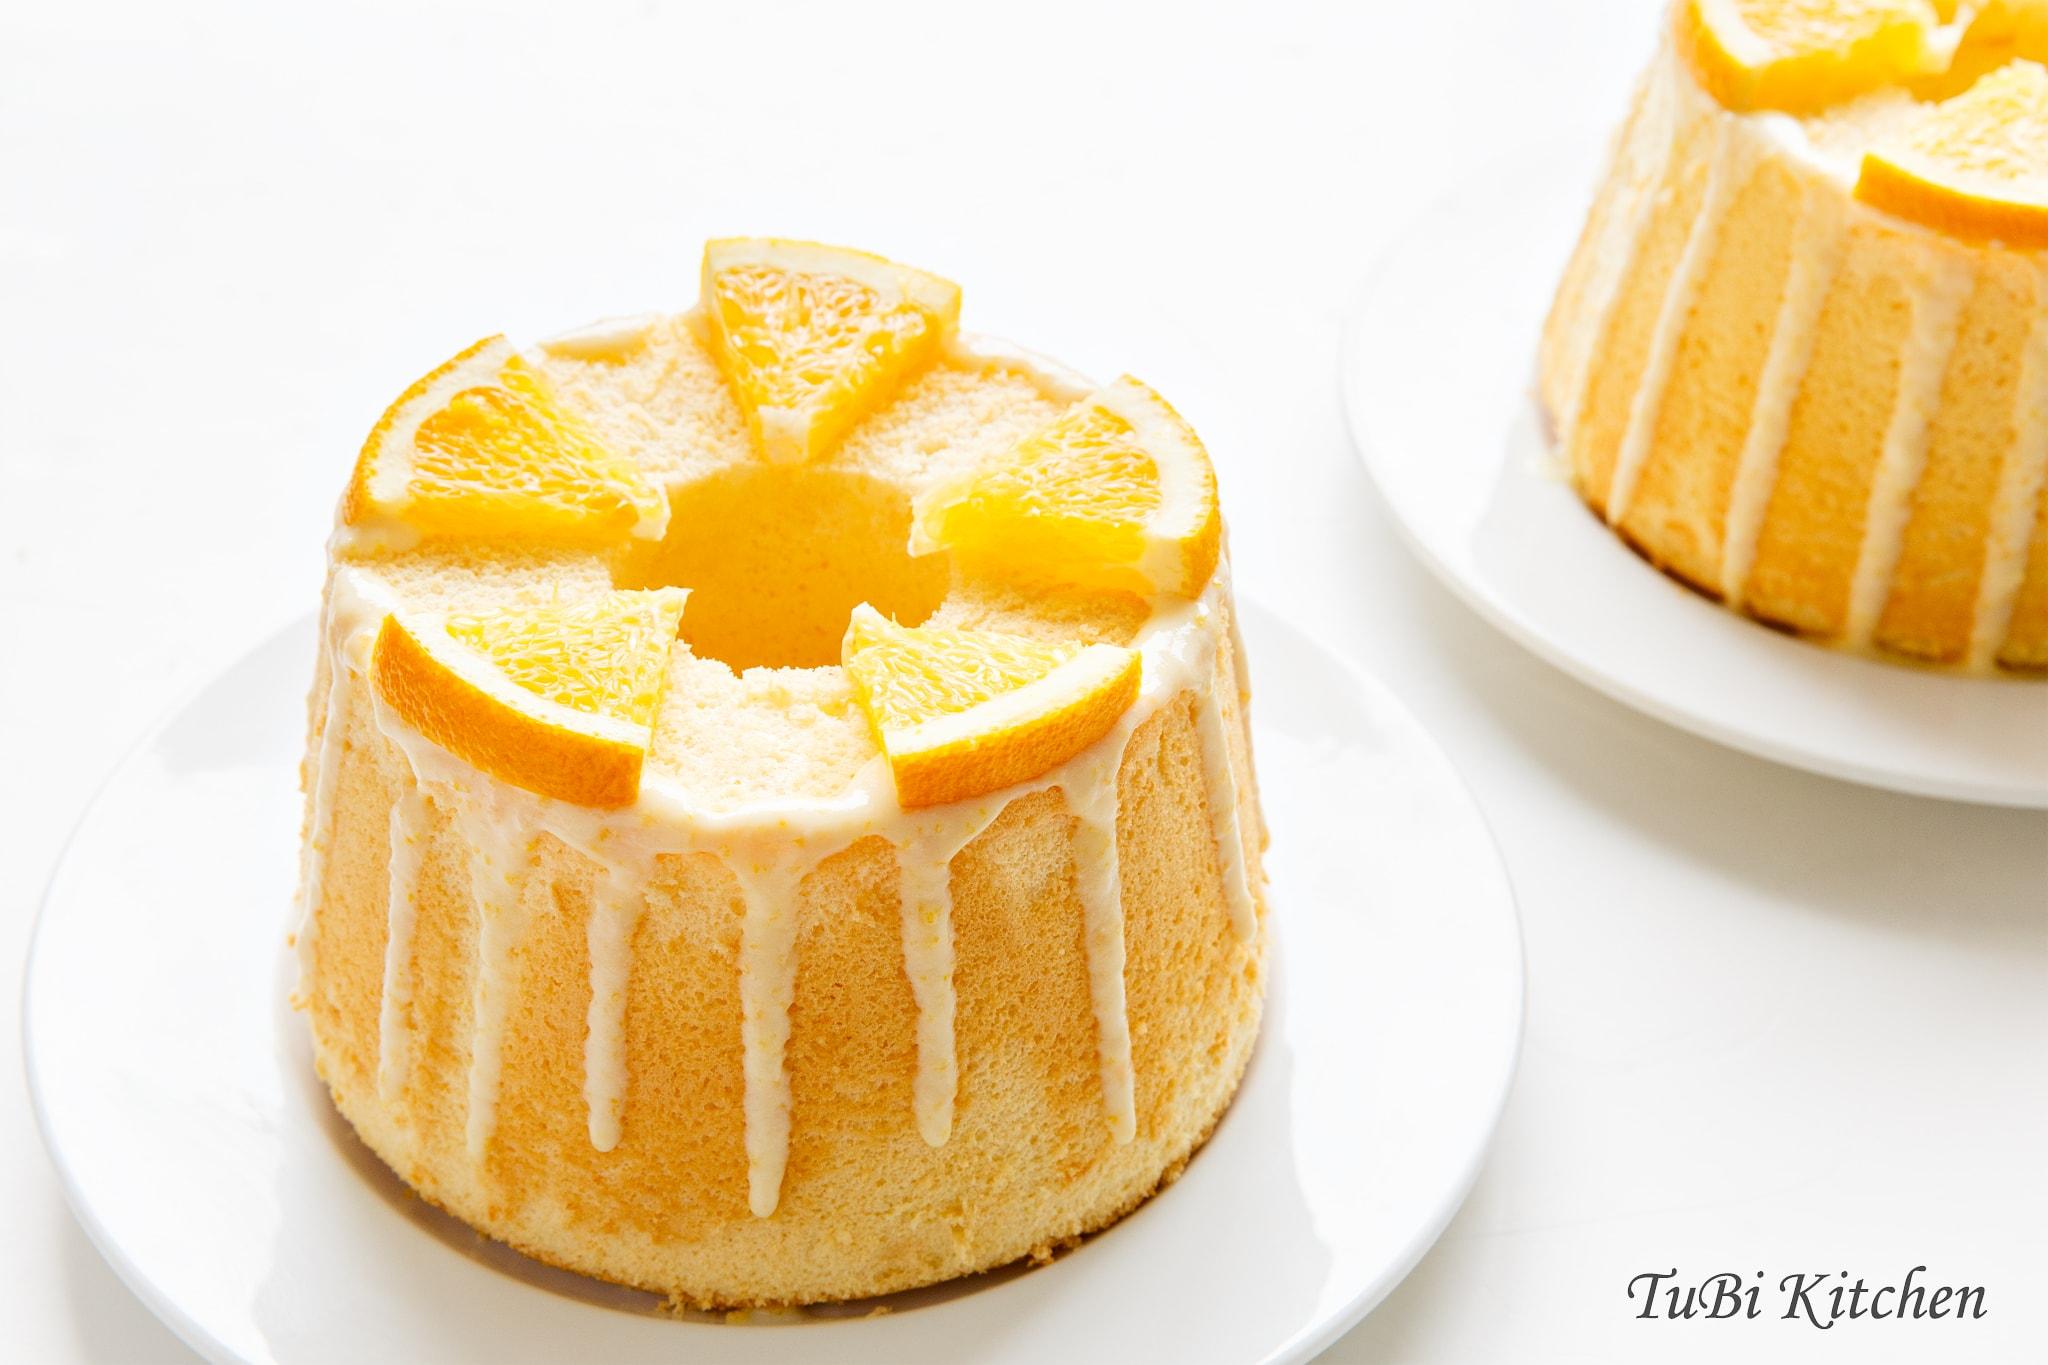 cách làm bánh chiffon cam 2 cách làm bánh chiffon cam Cách làm bánh chiffon cam thơm ngát mát lịm mùa thu cach lam banh chiffon cam 2